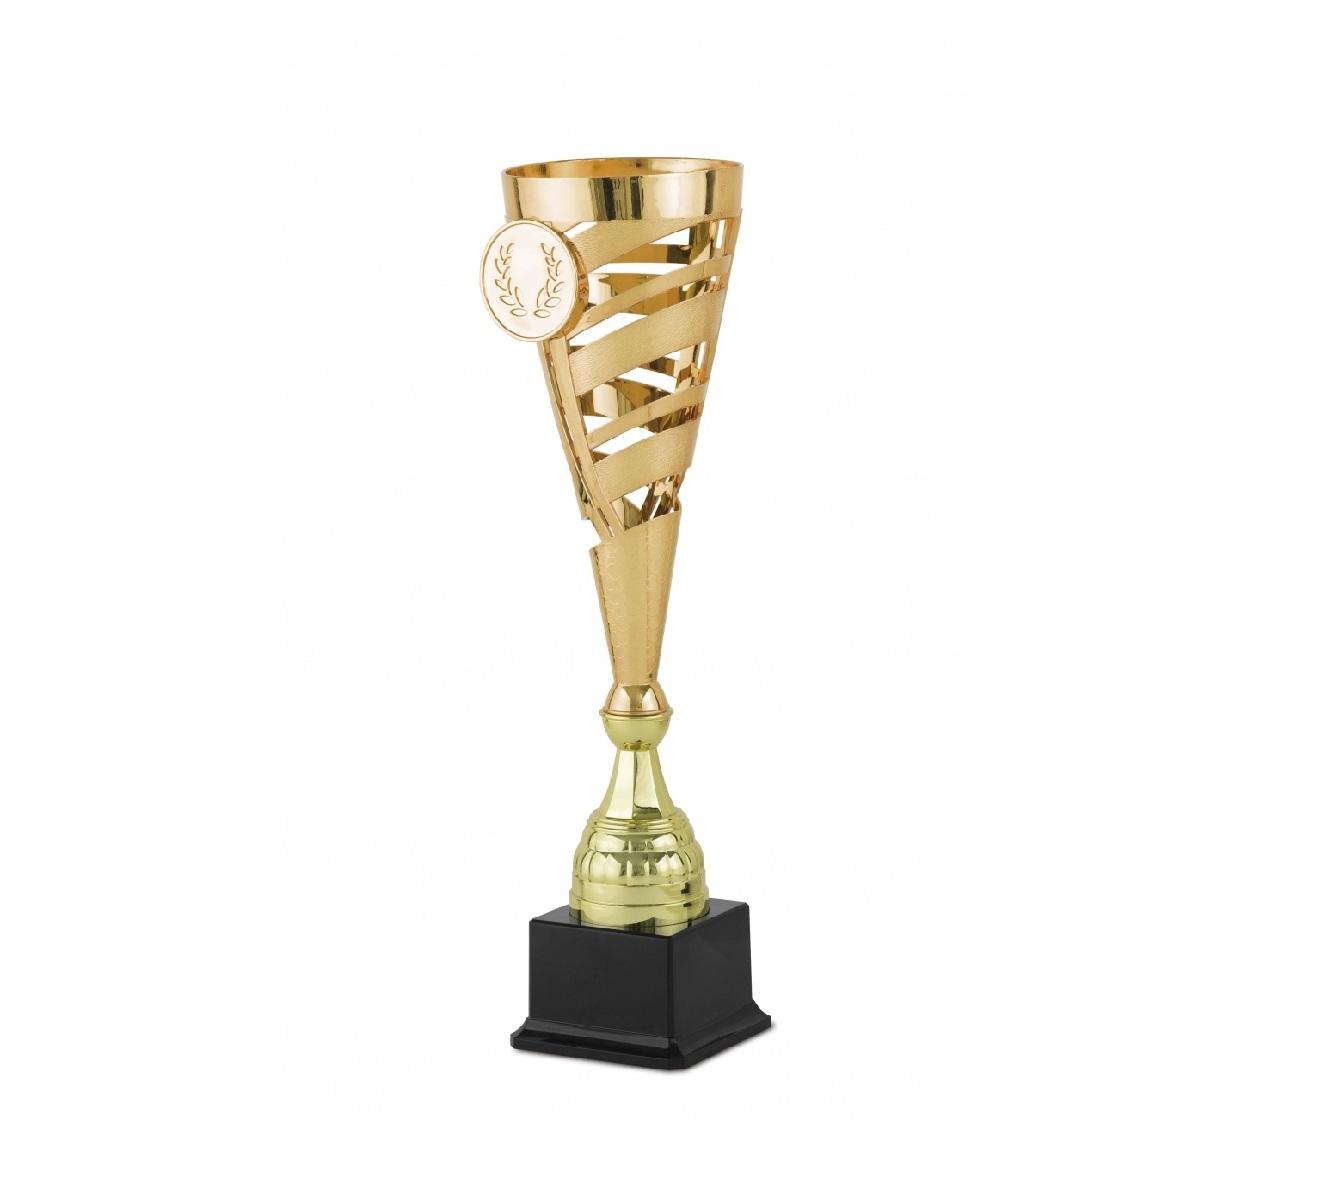 Copa Acrílico Modelo Ases BRONCE 40,5 cm